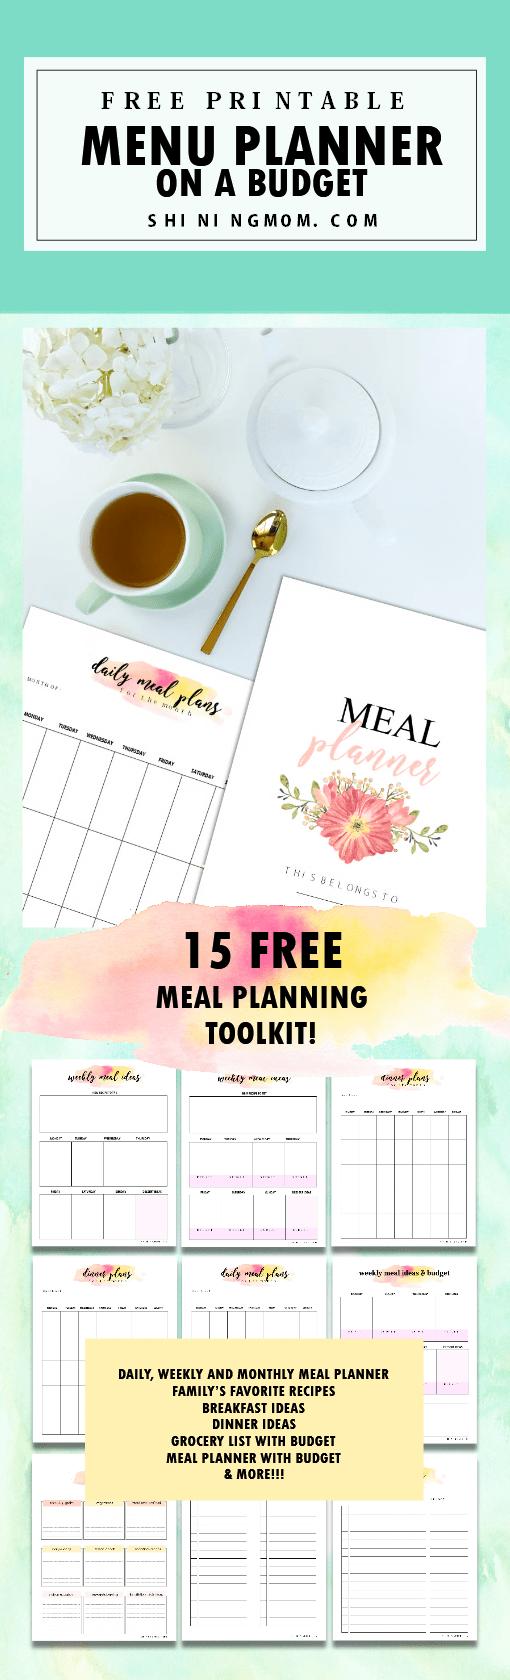 menu planner free